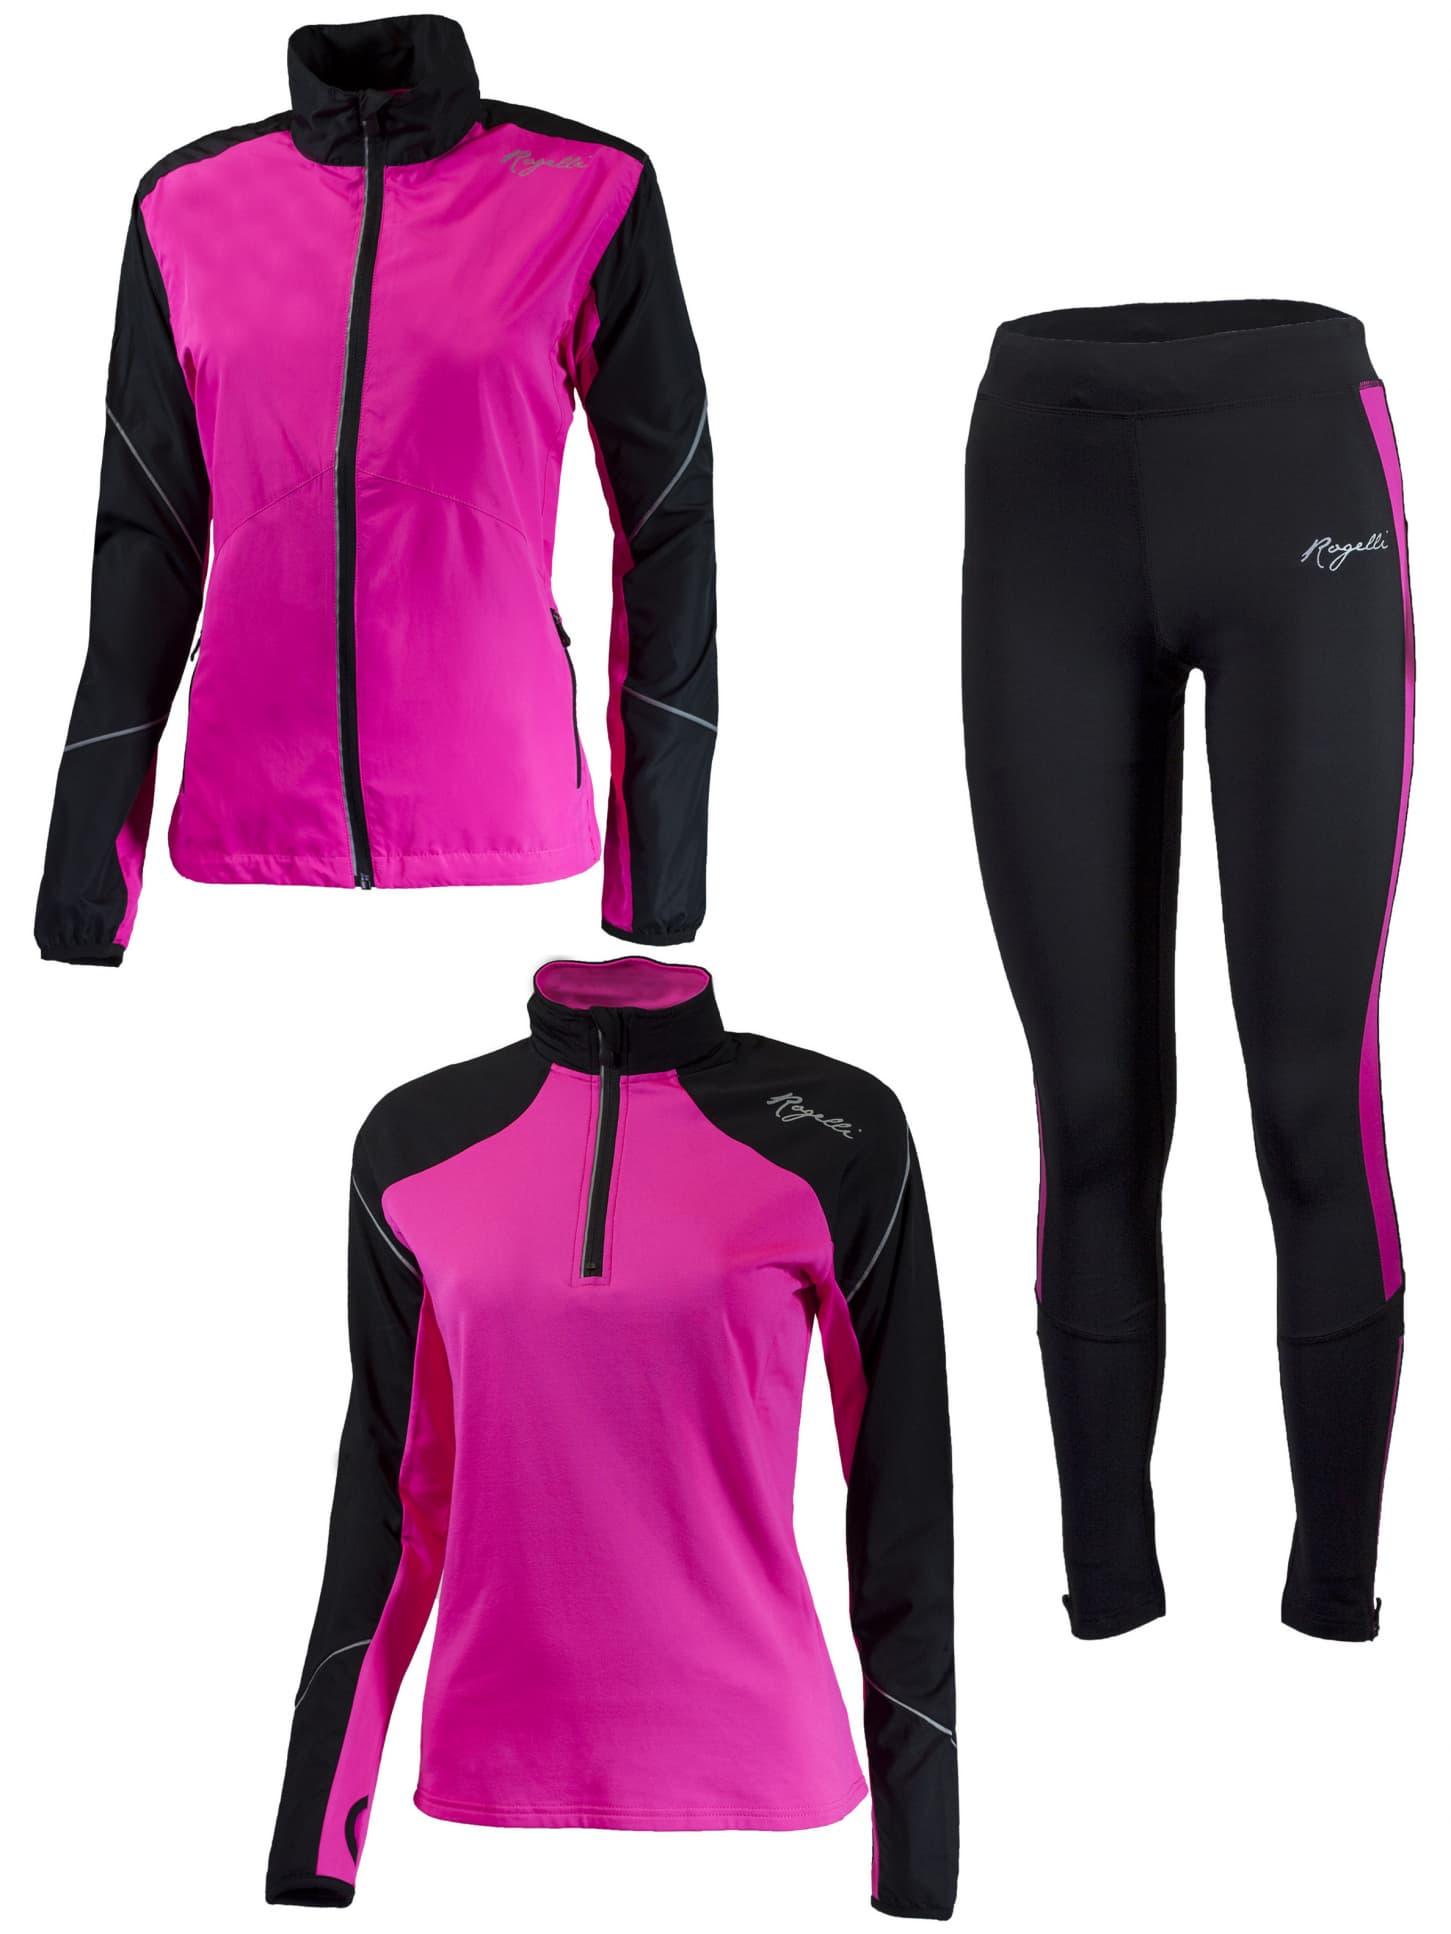 Funkcjonalna odzież Rogelli VISION 2.0 damska, różowo czarna